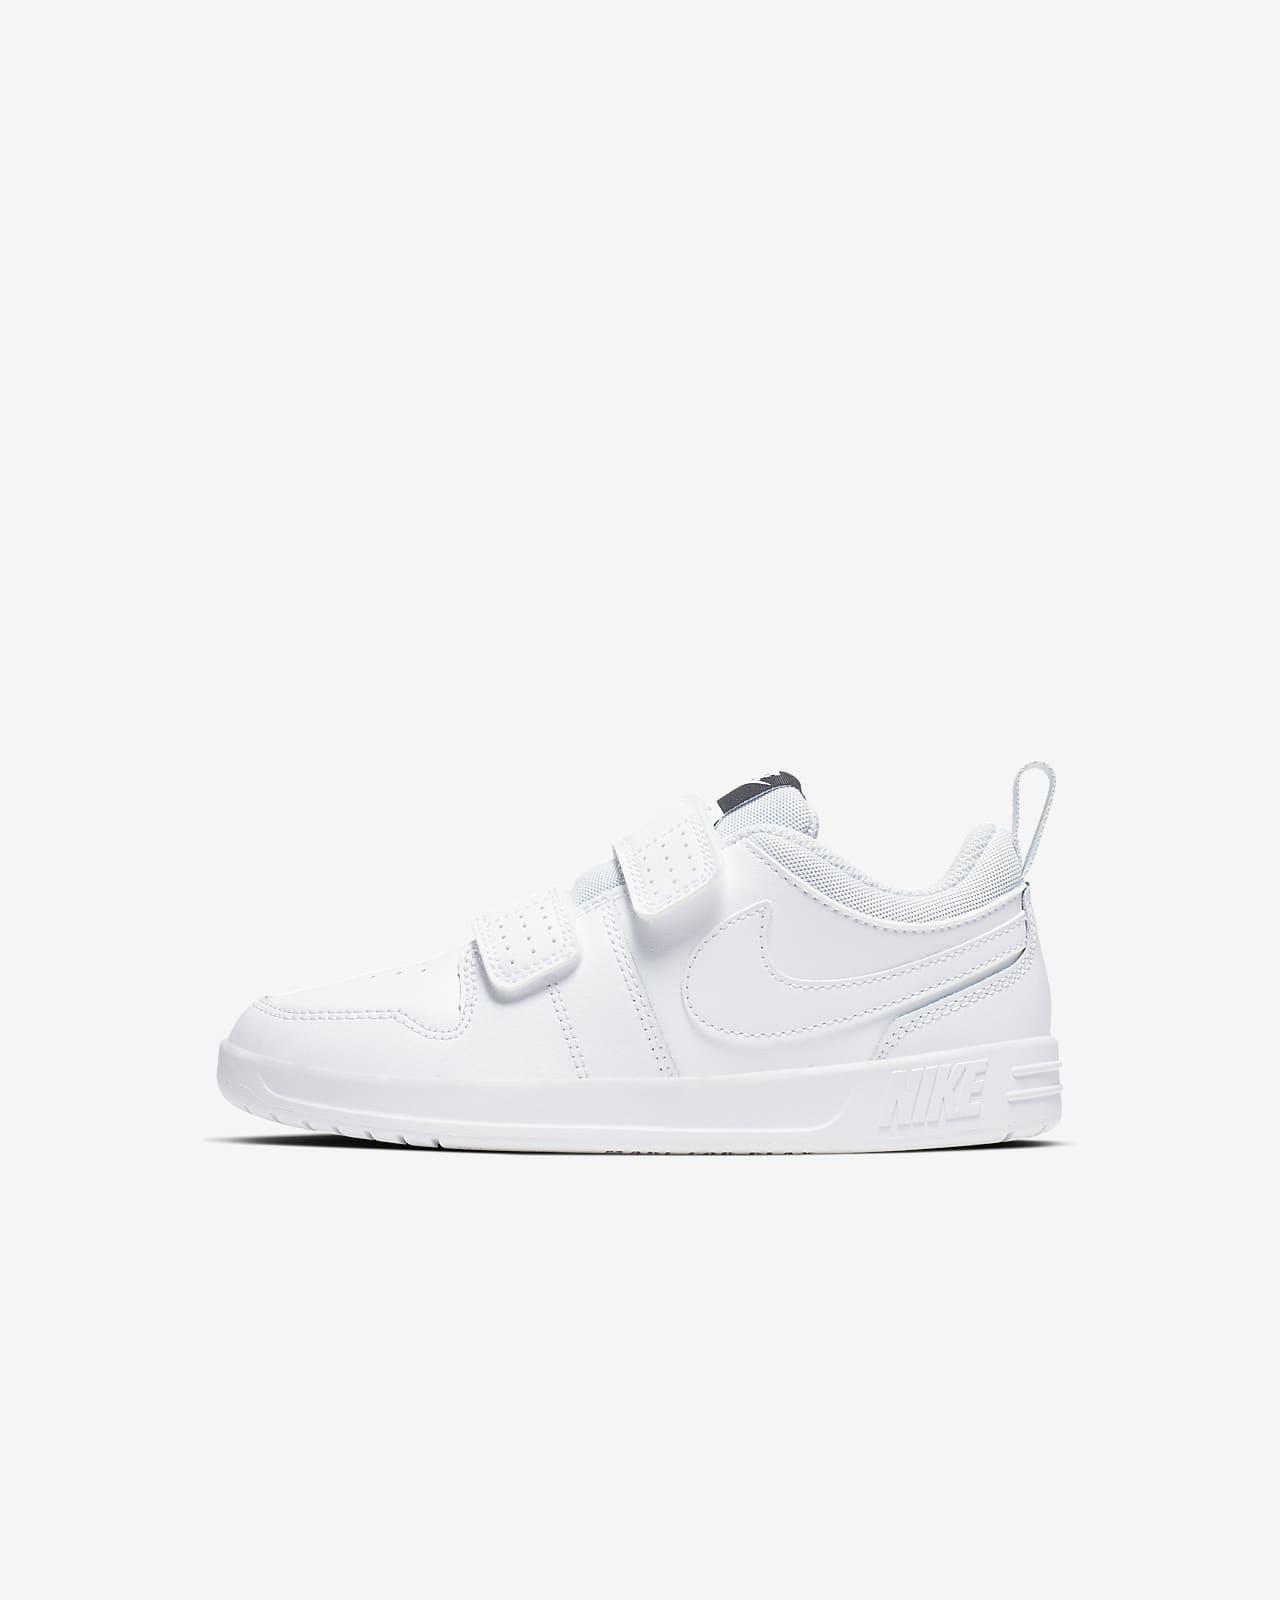 Nike Pico 5 Schuh für jüngere Kinder